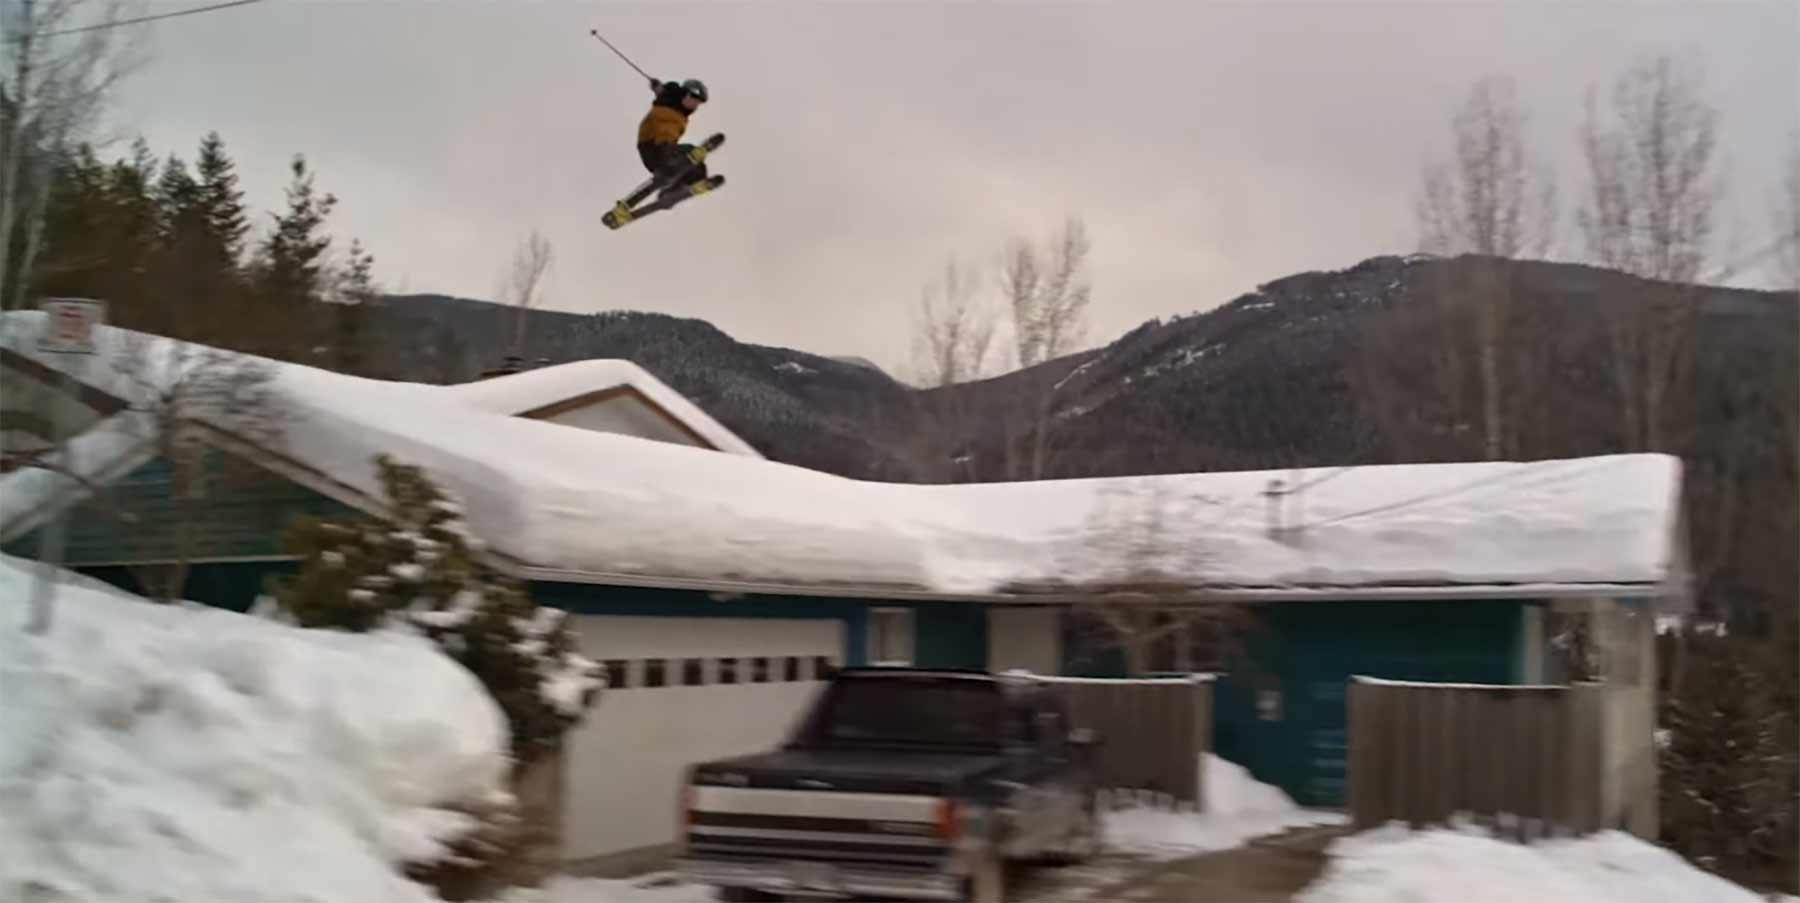 Fantasievolle Street Ski-Einlage von Tom Wallisch